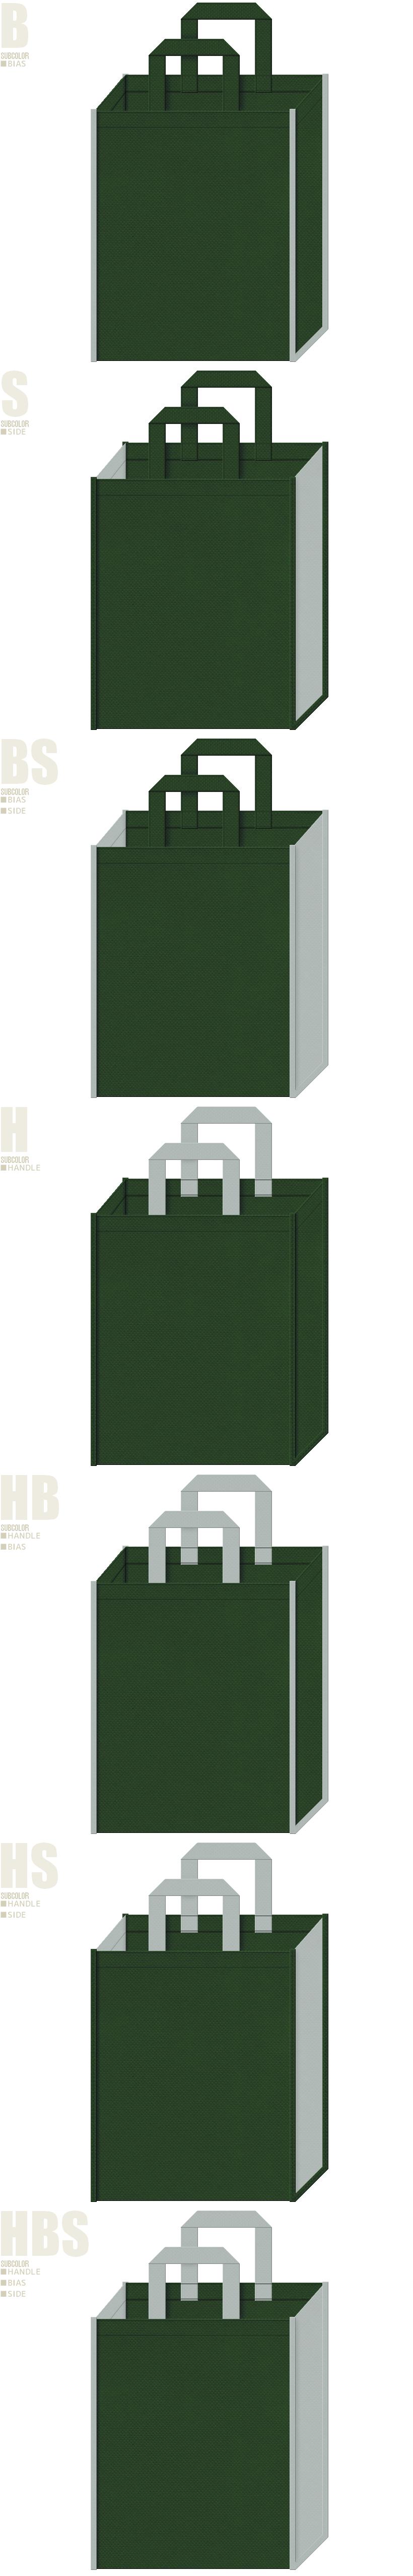 濃緑色とグレー色、7パターンの不織布トートバッグ配色デザイン例。